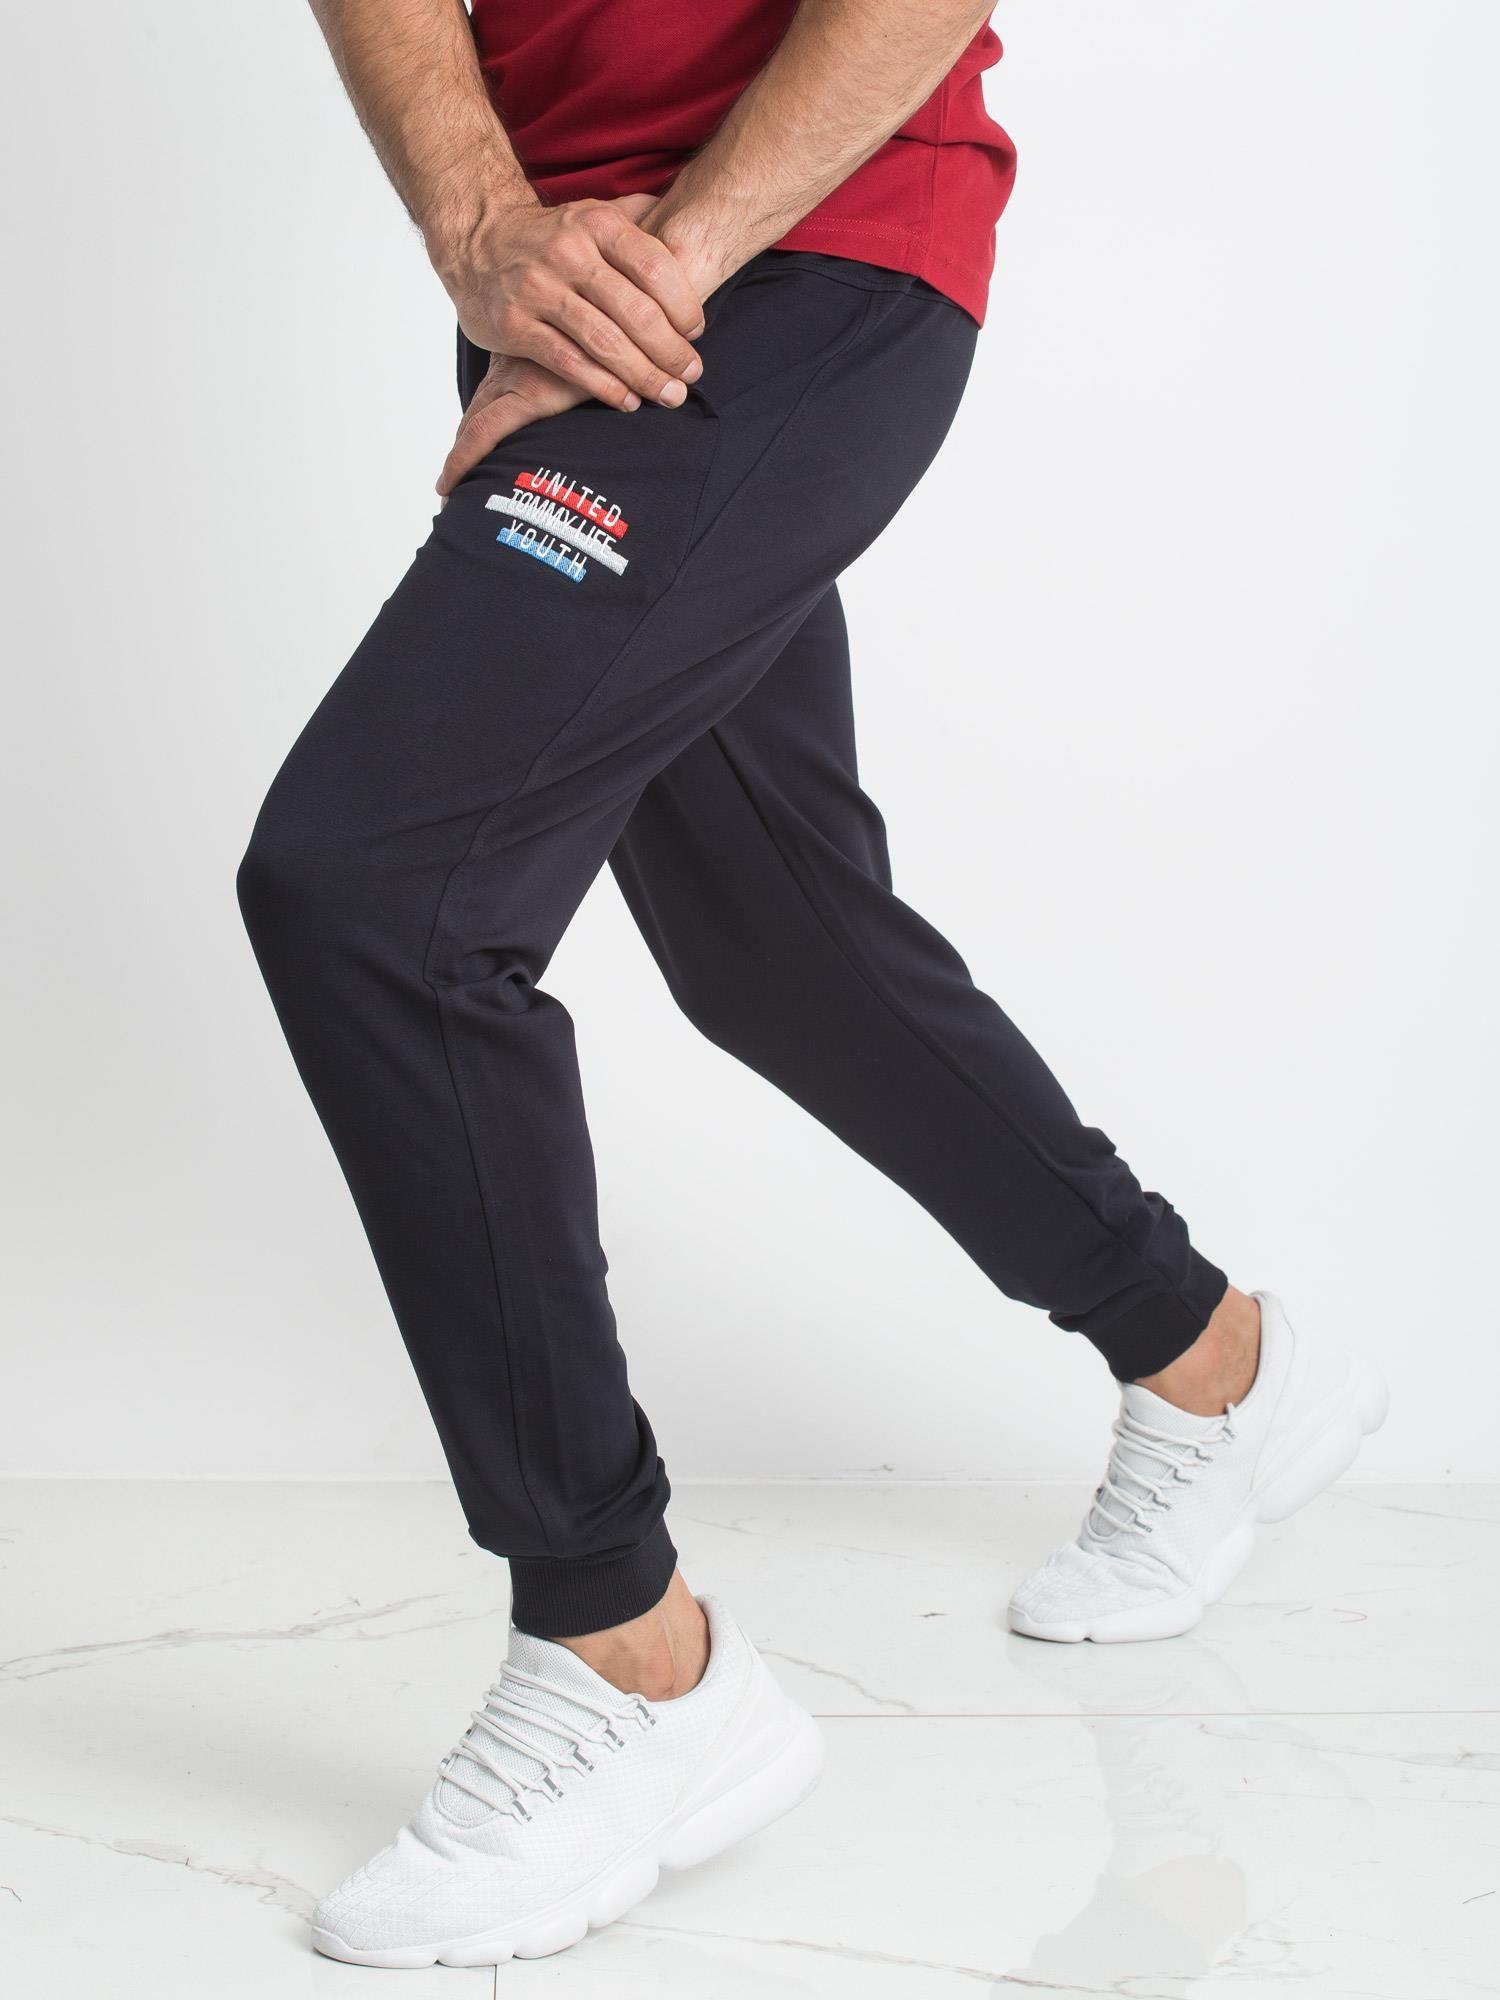 e1c80aa4f20b3a TOMMY LIFE Granatowe spodnie dresowe męskie - Mężczyźni Spodnie ...